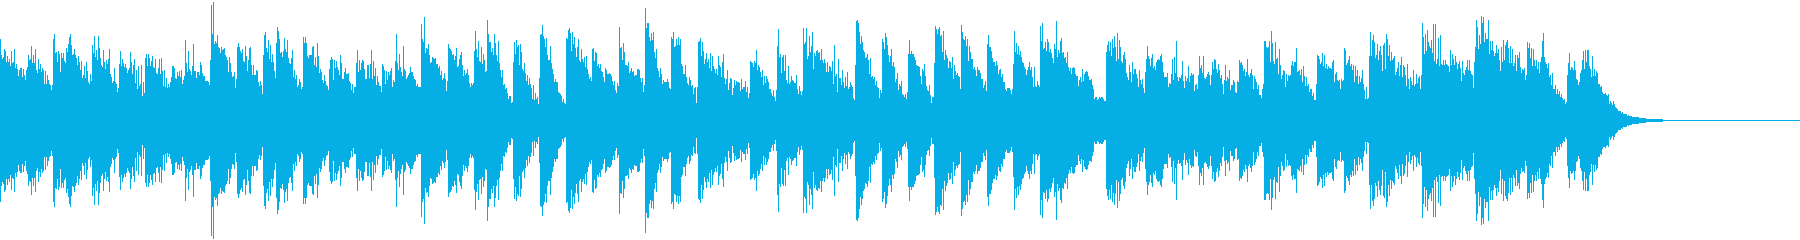 華やかに輝く賑やかで楽しいピアノジングルの再生済みの波形